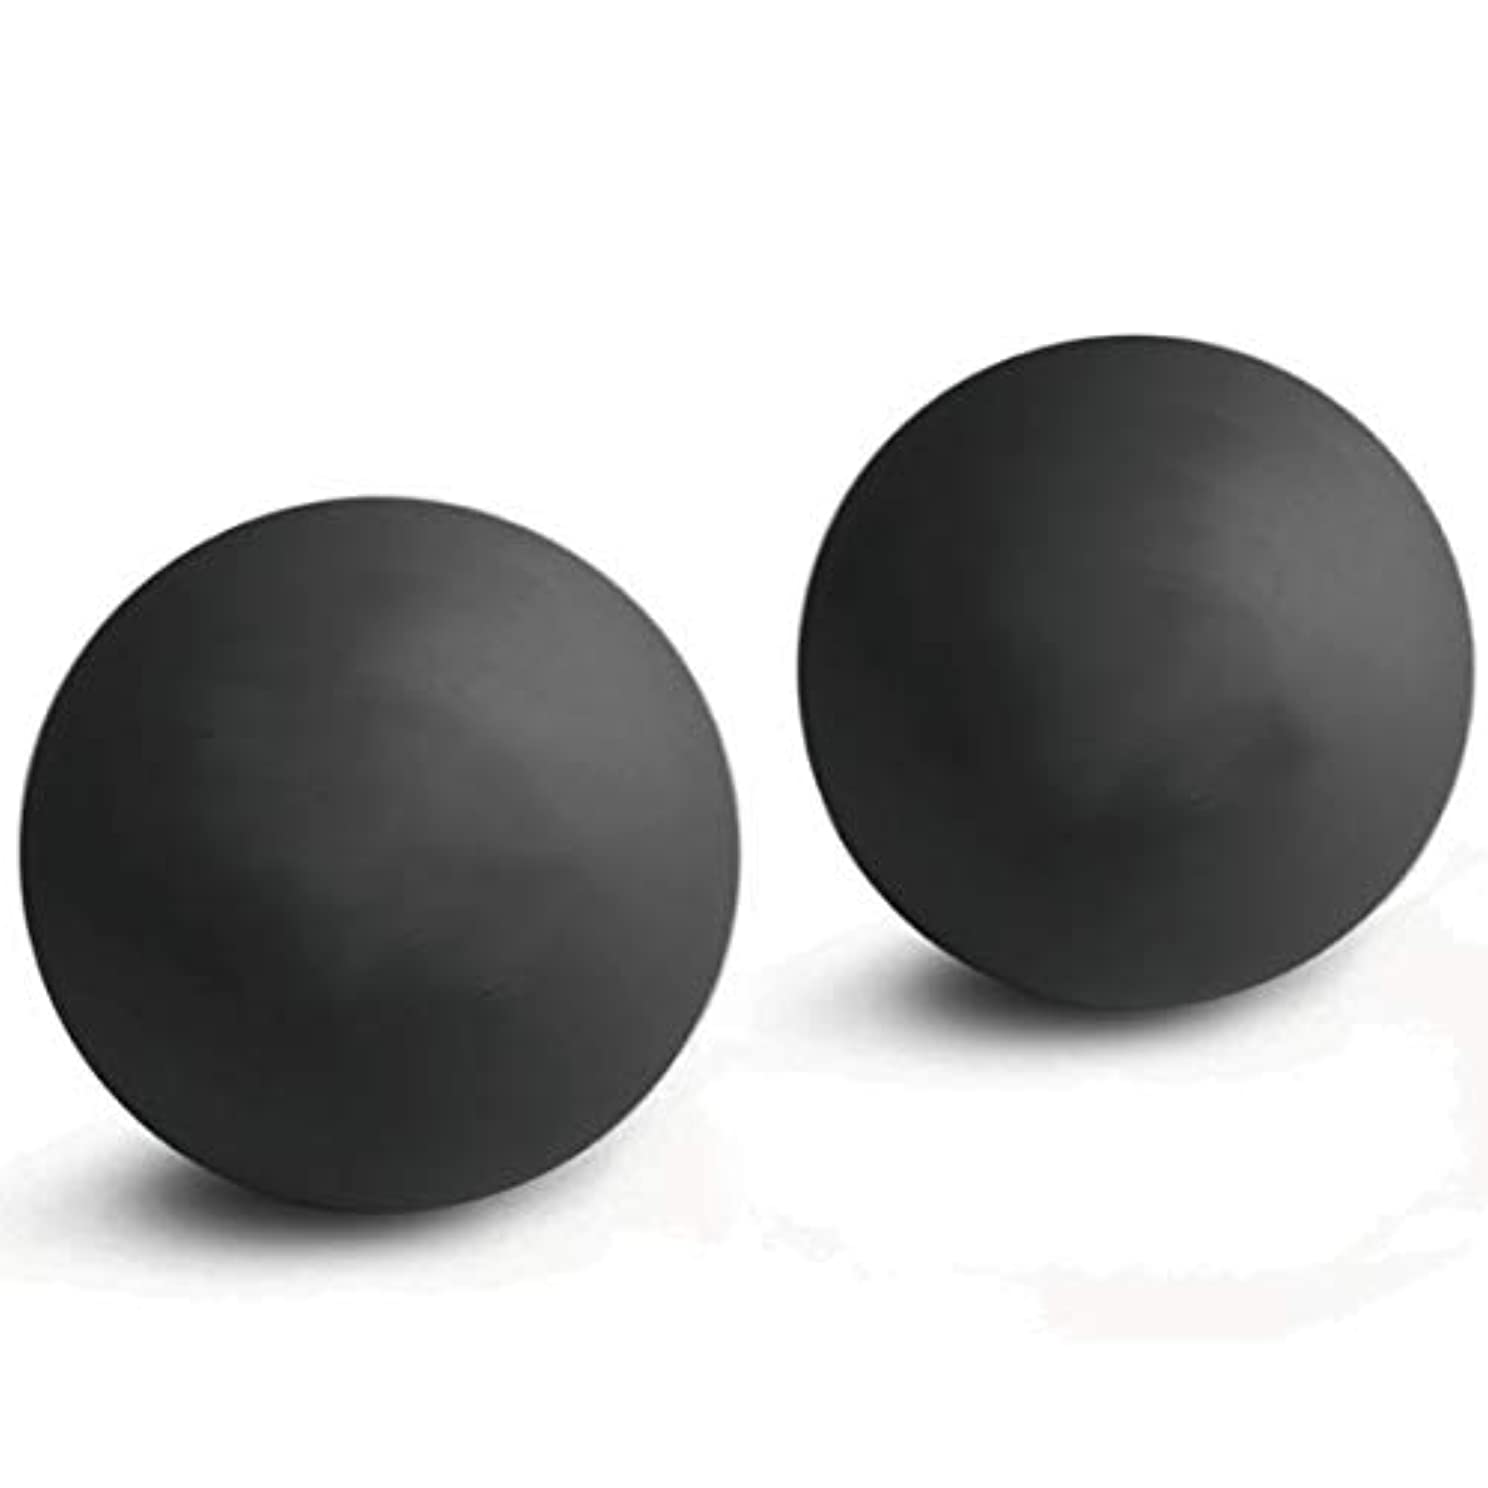 ヒロイック市の中心部脱走2個入マッサージボール 触覚ボール ストレッチボールトリガーポイント 肩 背中 腰 足裏 全身 ツボ押しグッズ